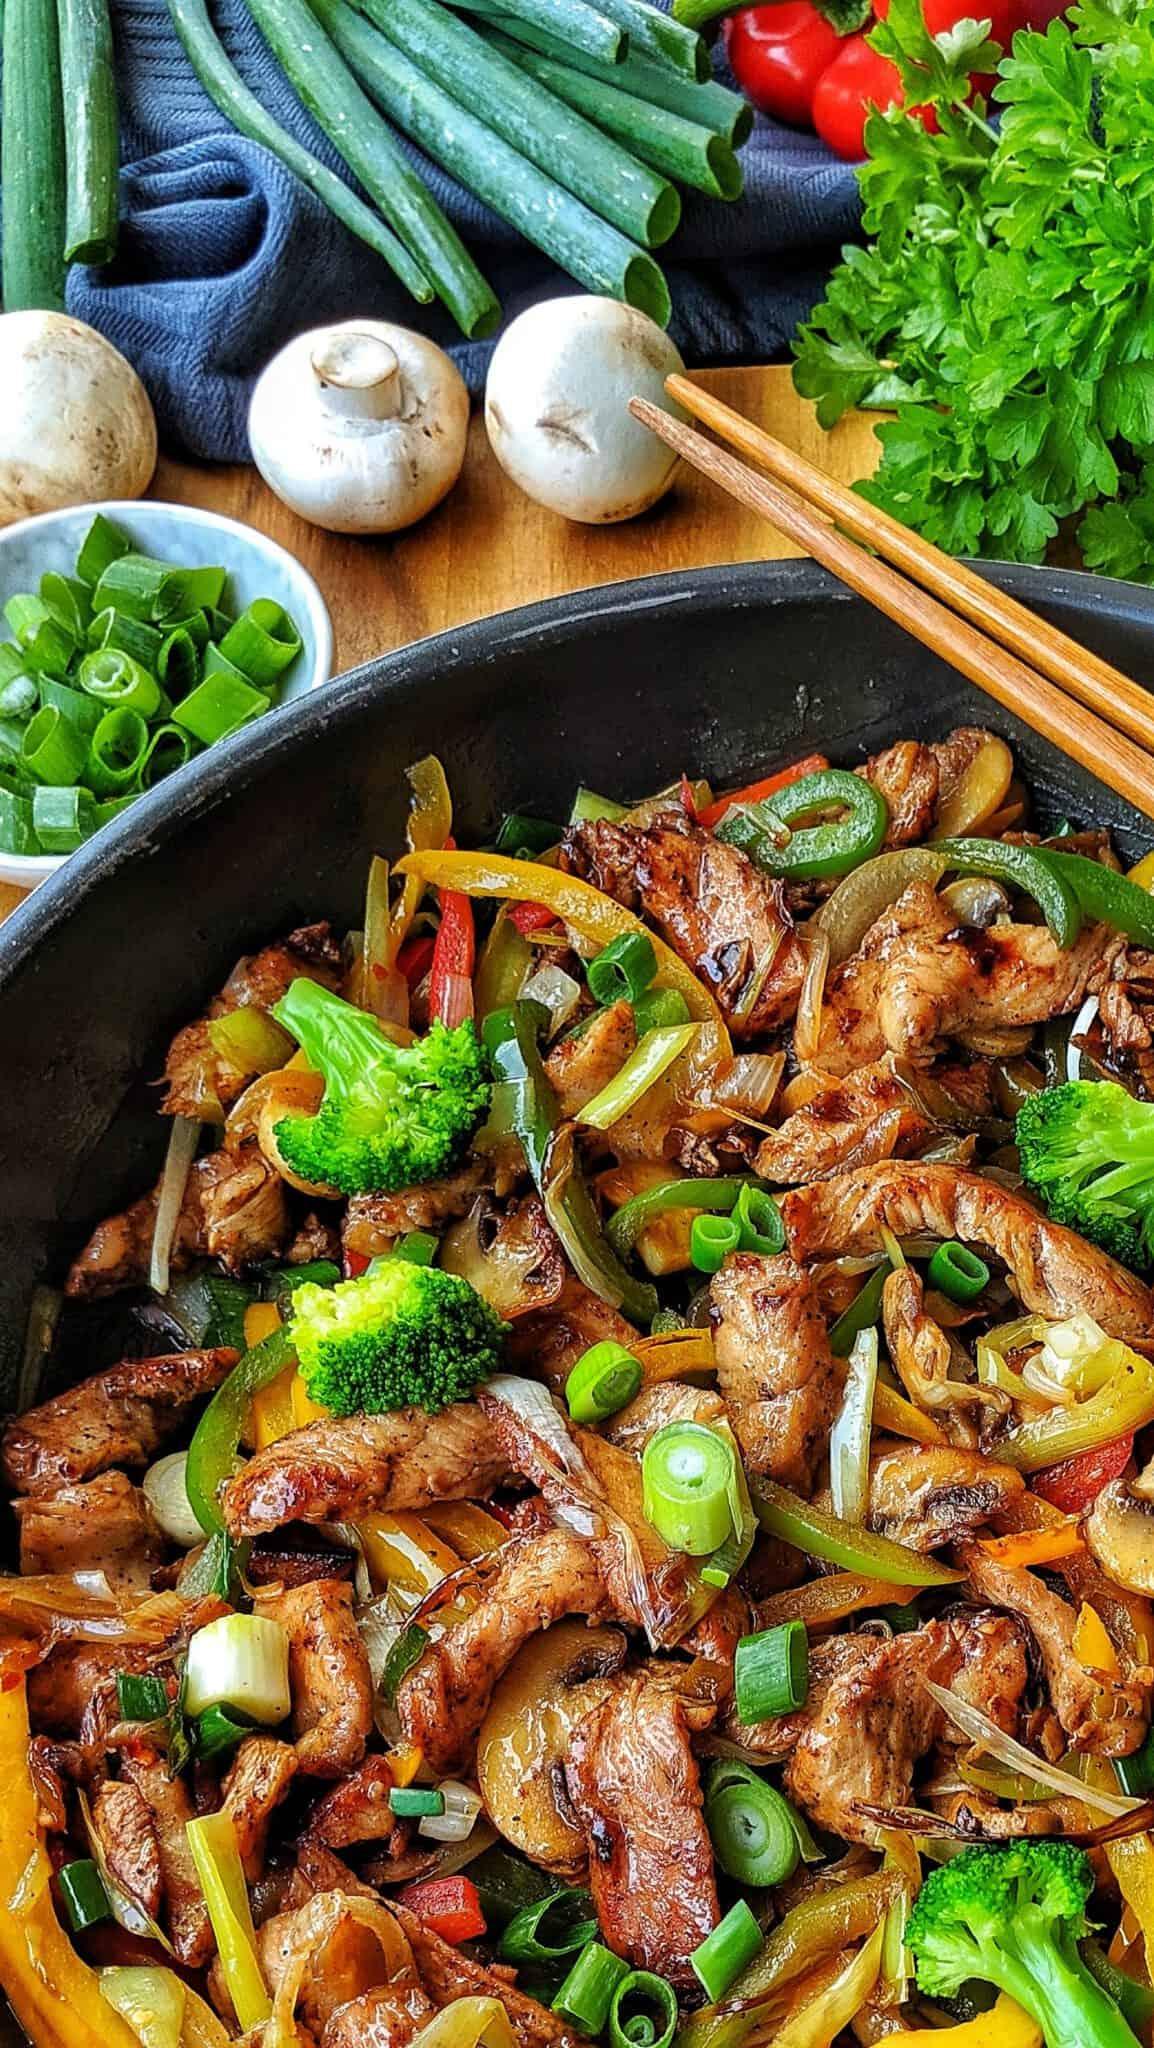 Eine Pfanne mit dem Lowcarb Gemüsepfanne mit Geflügel Gericht. Im Hintergrund Deko.